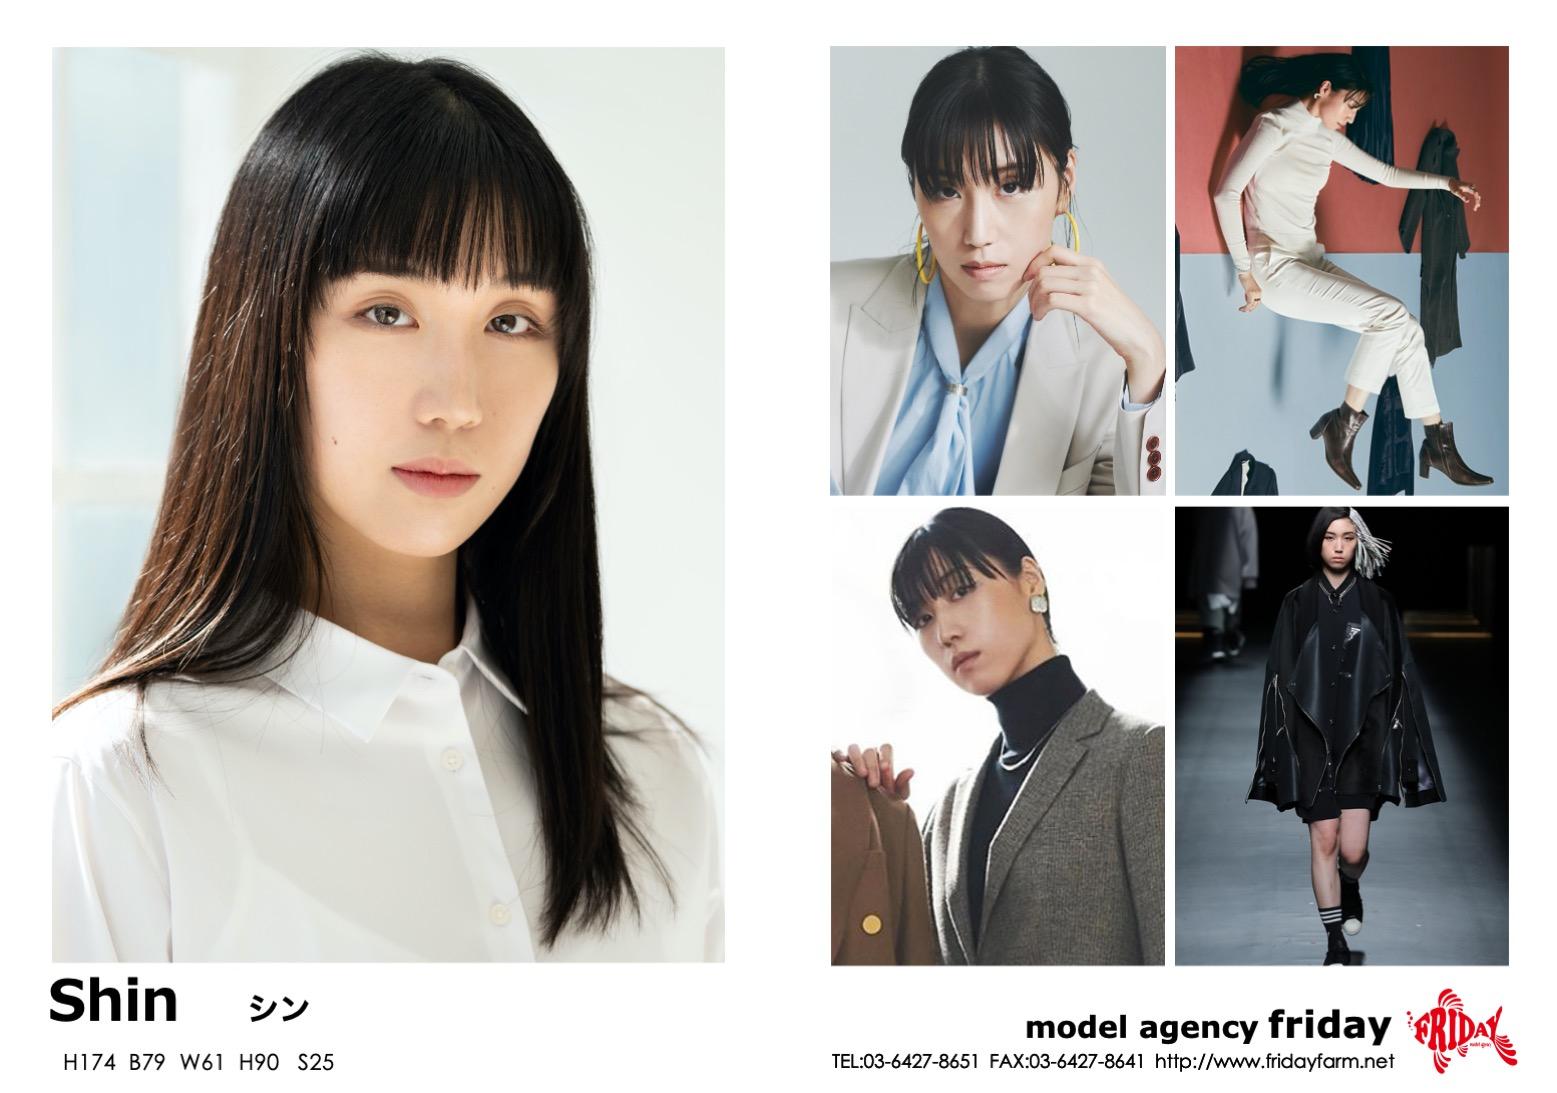 Shin - シン   model agency friday